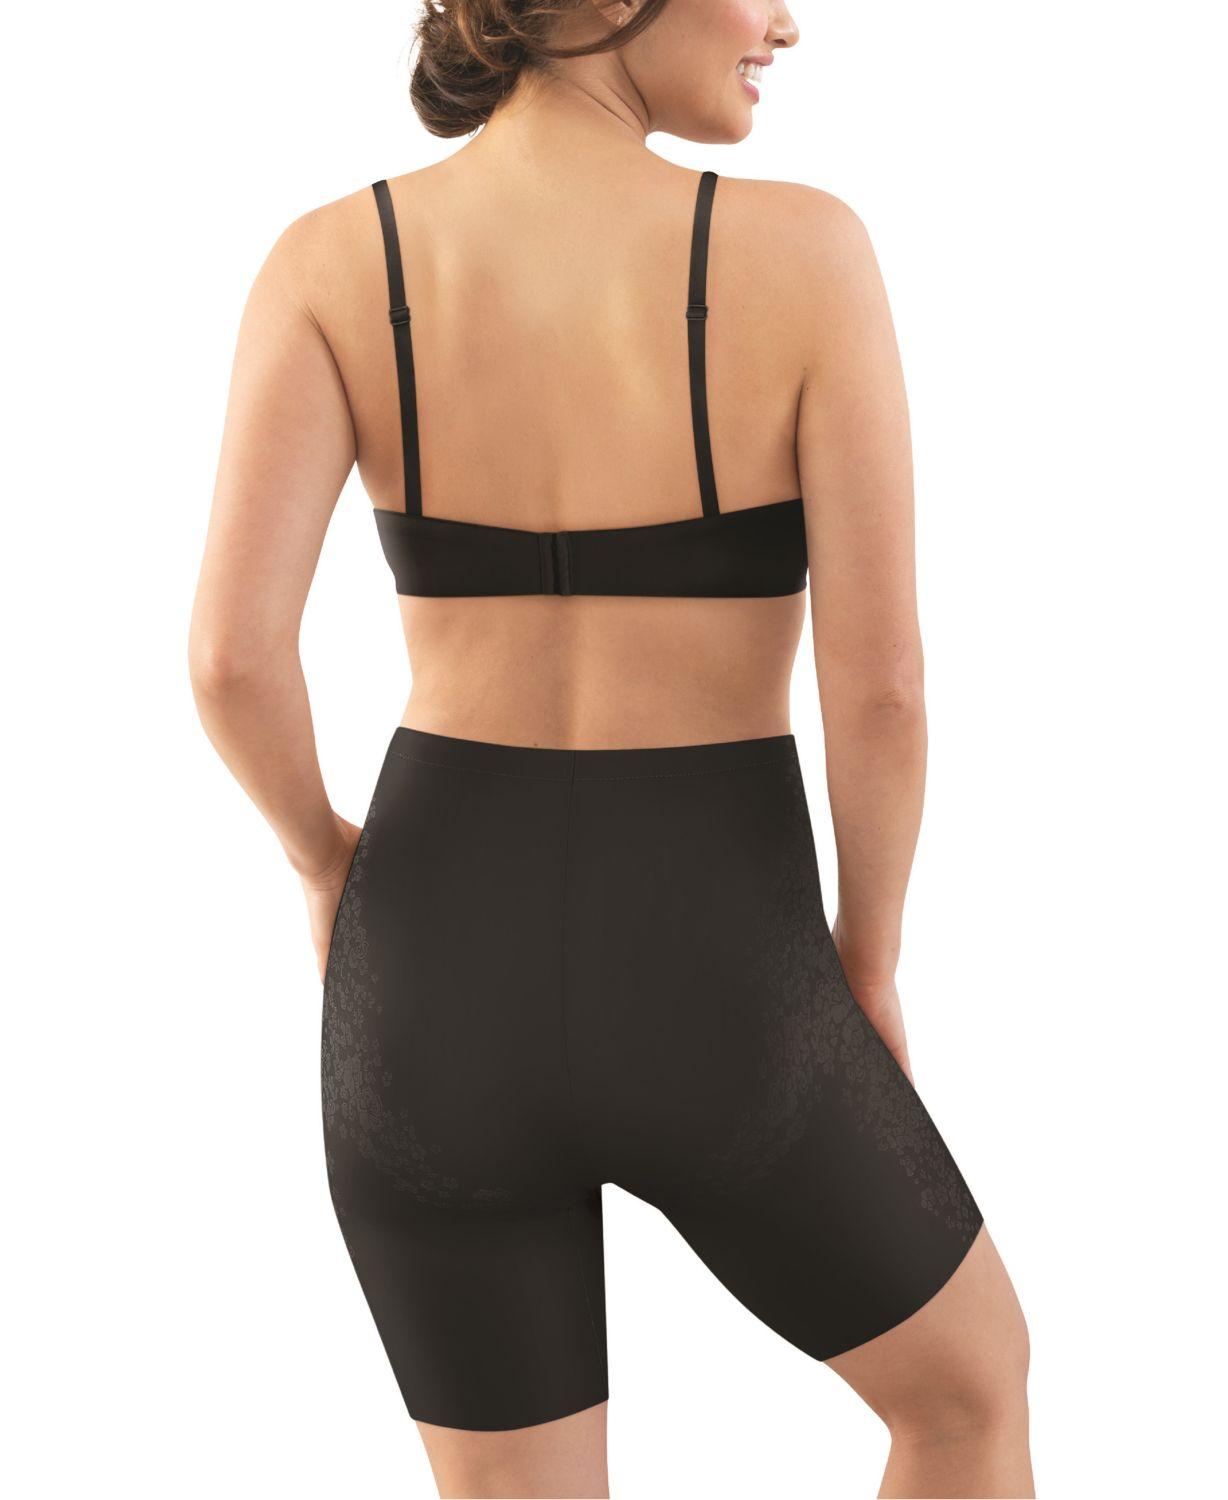 Maidenform Women's FitSense™ Thigh Slimmer DM0071 & Reviews - Shapewear - Women - Macy's